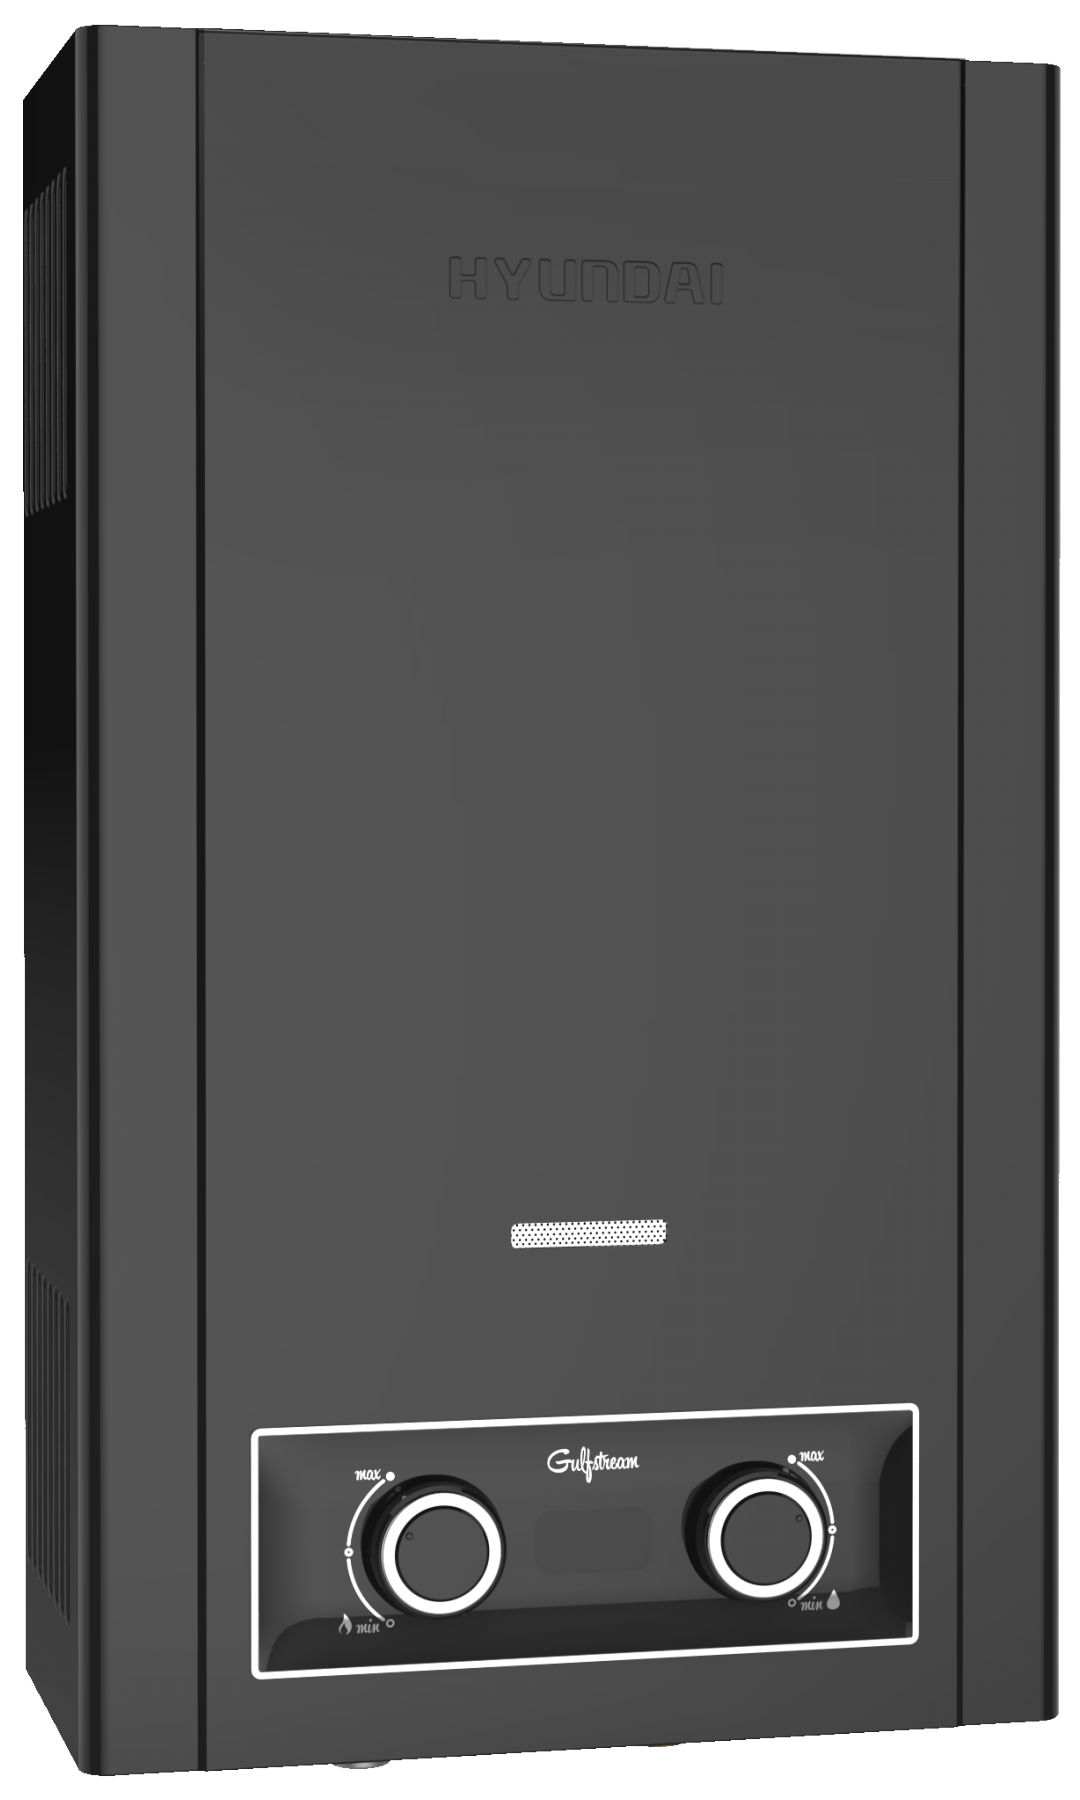 Водонагреватель Hyundai H-GW1-AMBL-UI306Водонагреватели<br>- Два контрастных цветовых решения: черный металлик и безупречно-белый<br>- Конструкция и компоненты соответствуют наивысшим Европейским стандартам<br>- Медный теплообменник Copper - Pure<br>- Электронный розжиг<br>- Интеллектуальная система управления с LED-дисплеем<br>- Система самодиагностики с выводом ошибок на дисплей<br>- Горелка из нержавеющей стали<br>- Комплексная система безопасности 4D-Guard: датчик тяги, температурный ограничитель &amp;#40;вода&amp;#41;, предохранительный клапан, ионизационный стержень<br>- Разработано для эксплуатации в России<br><br>Безопасность пользователя ...<br><br>Тип водонагревателя: проточный<br>Способ нагрева: газовый<br>Производительность, л/мин: 10<br>Максимальная температура нагрева воды (°С): +60<br>Номинальная мощность(кВт): 20<br>Управление: электронное